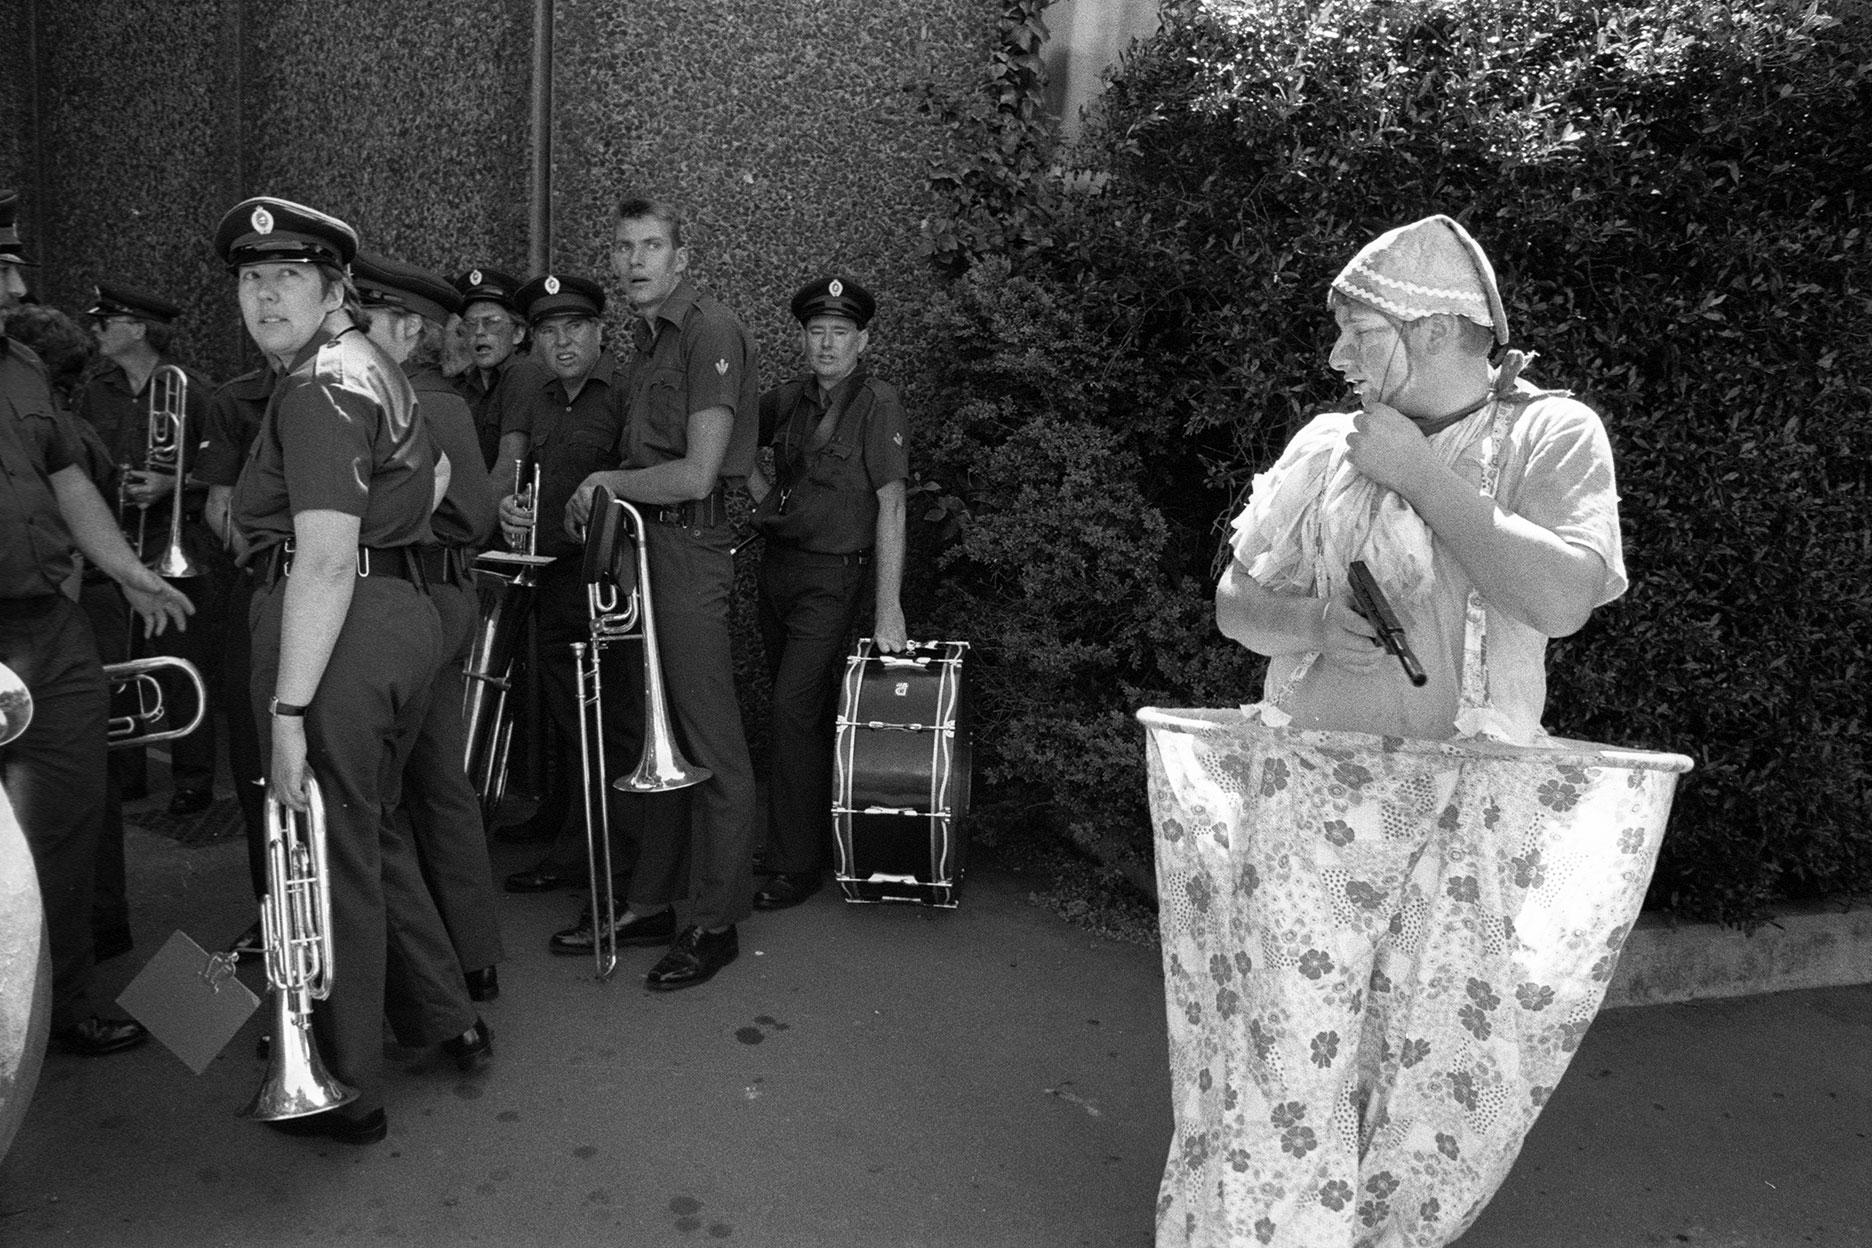 Santa Parade, Christchurch, 1989